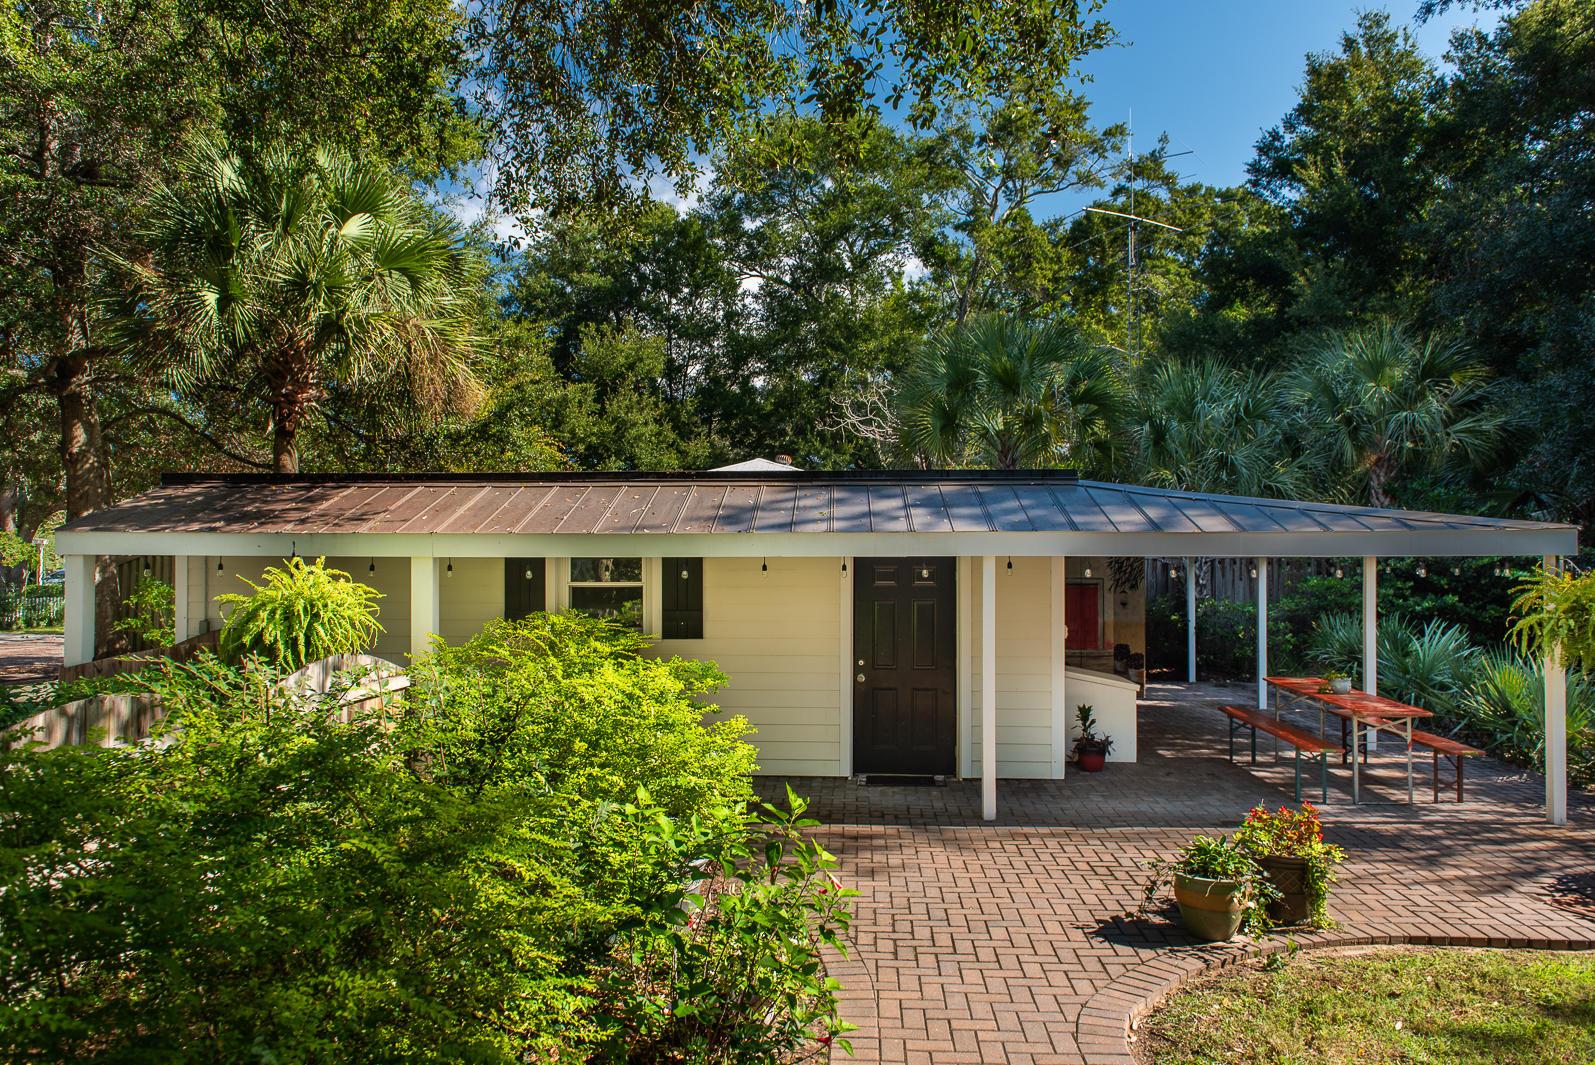 Old Mt Pleasant Homes For Sale - 1344 Fairmont, Mount Pleasant, SC - 52